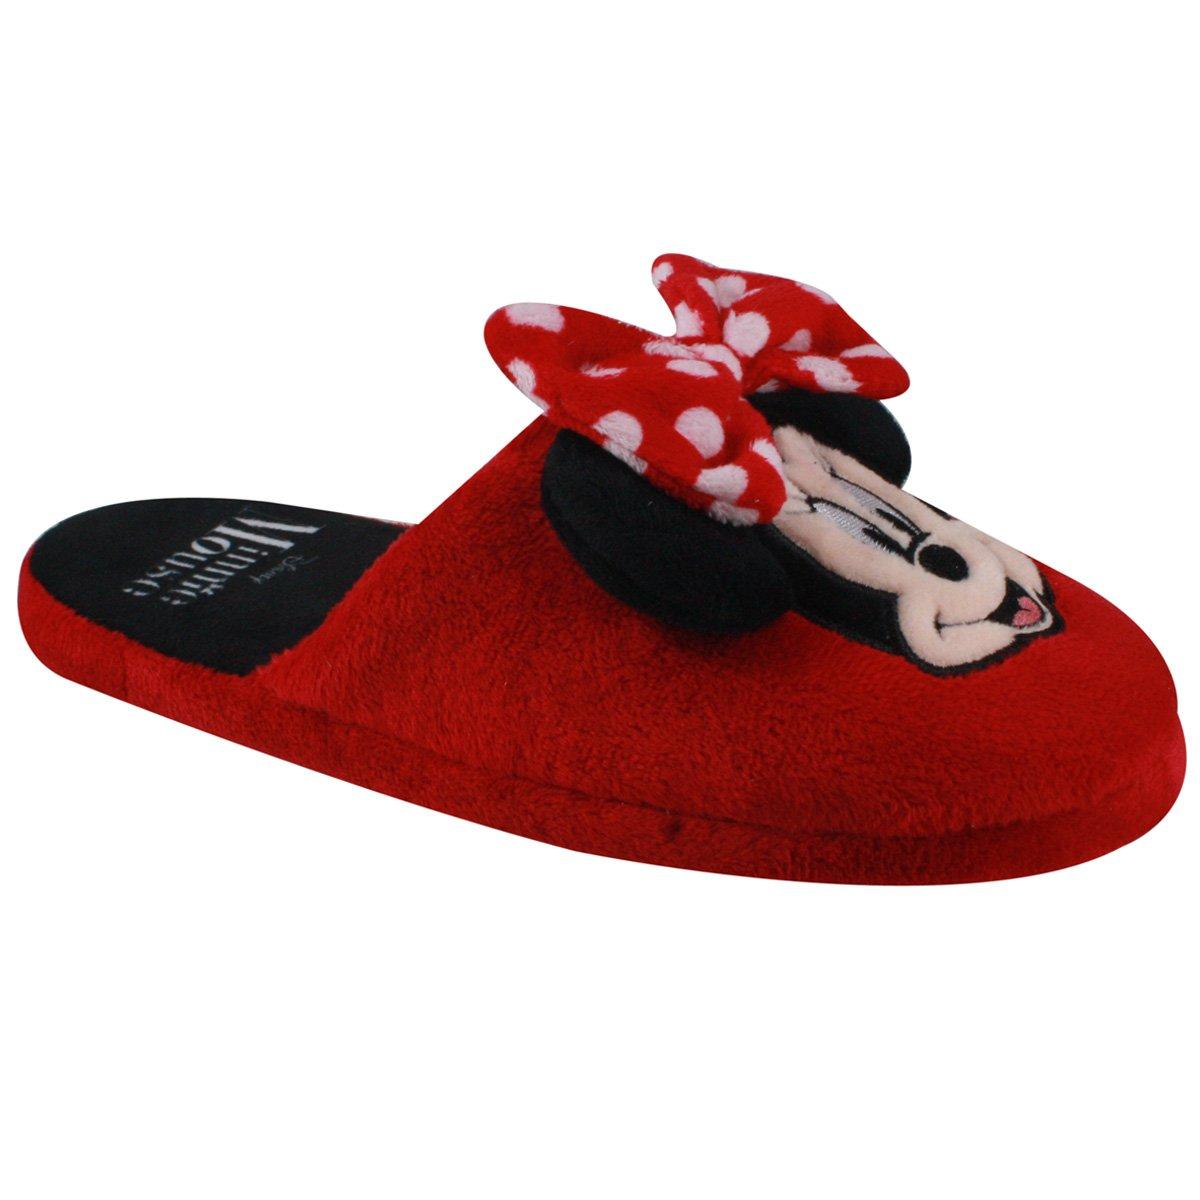 db56421b1 Chinelo de Inverno Ricsen Minnie Mouse 12090 - Vermelho - Calçados ...